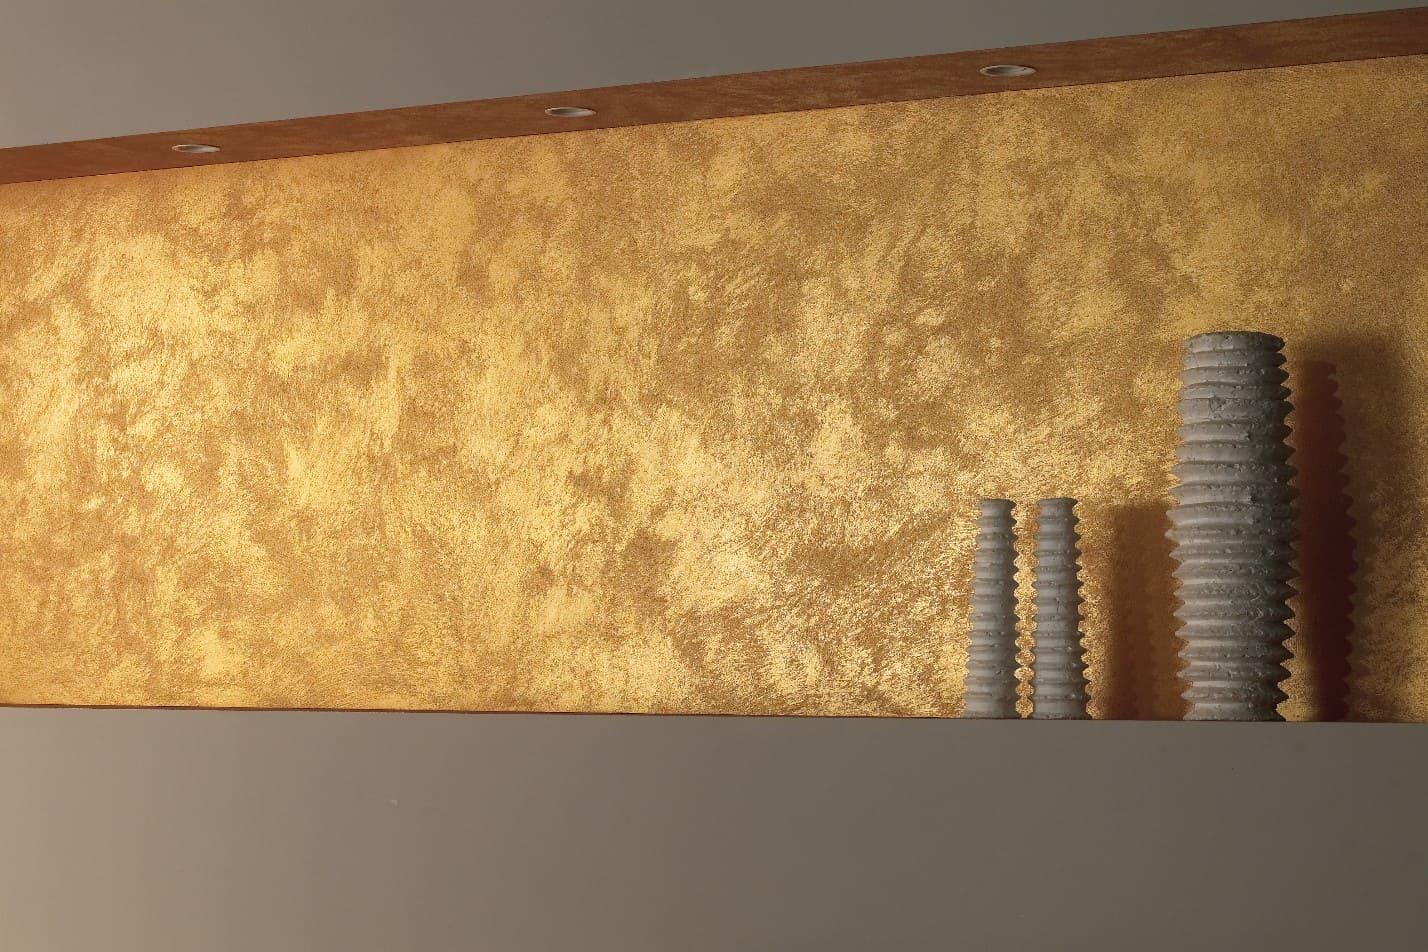 Декоративная штукатурка - лучшие красивые варианты отделки стен в интерьере 132